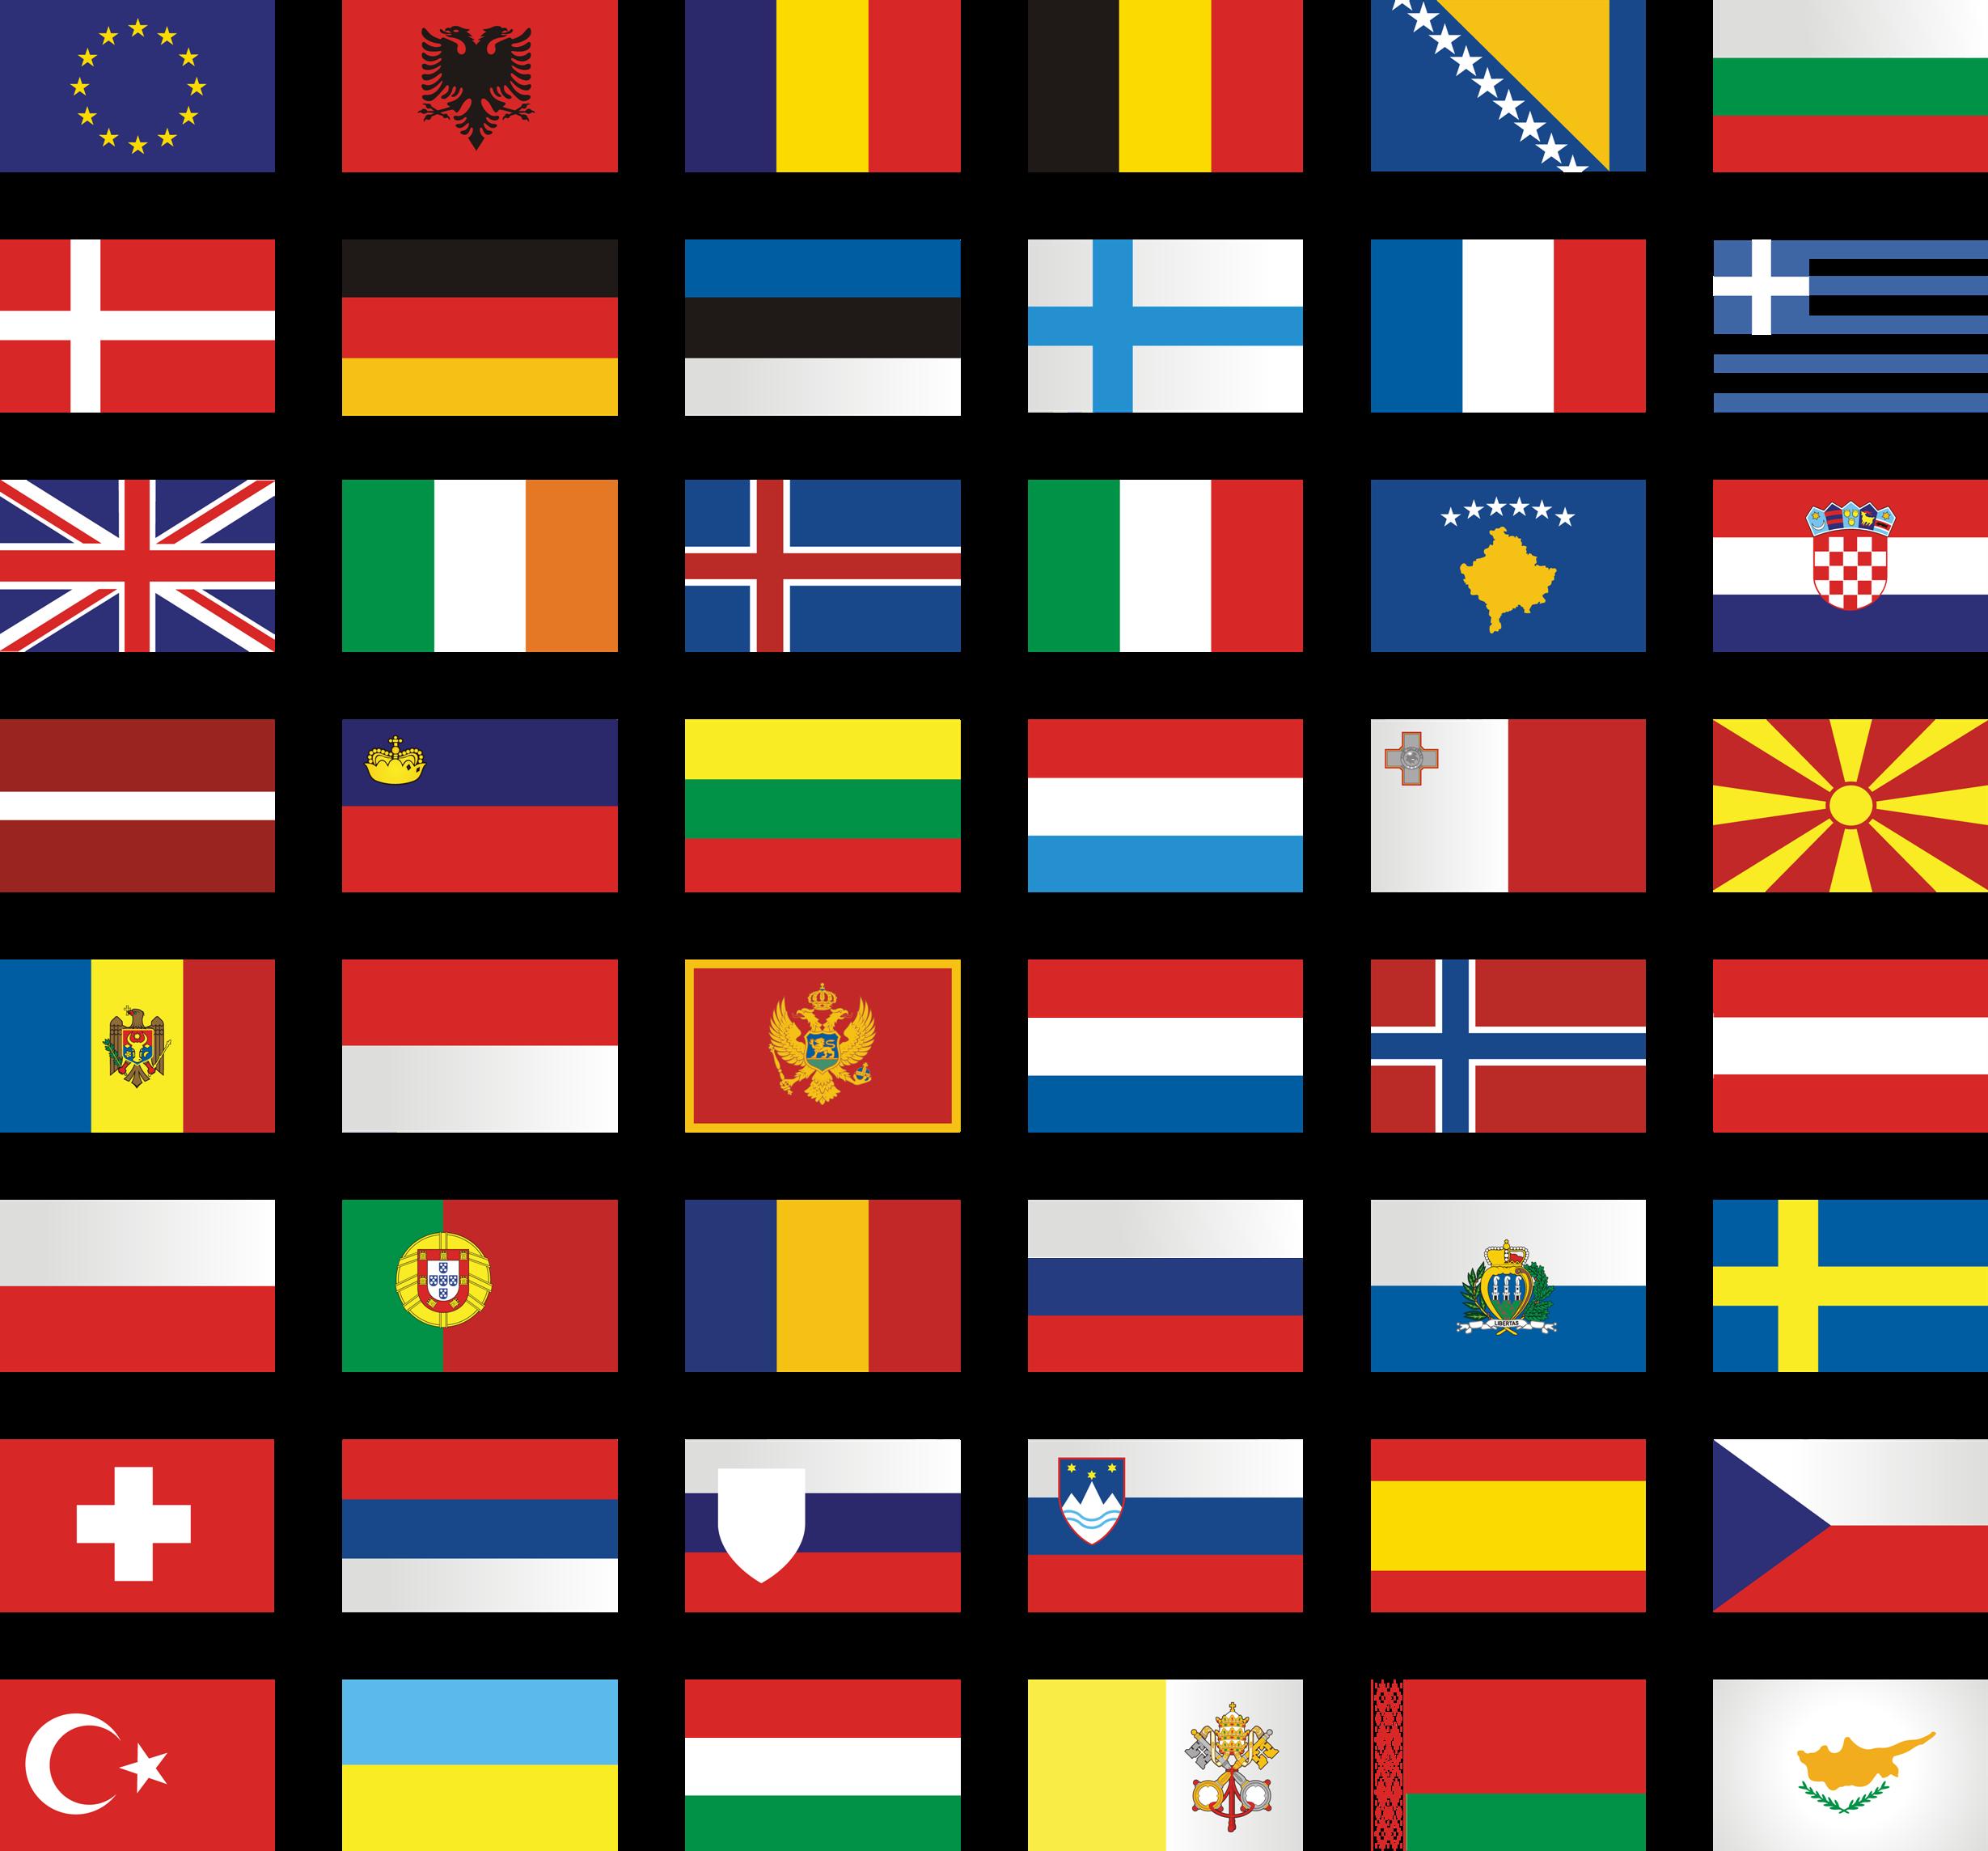 анимационные картинки флаги стран мира